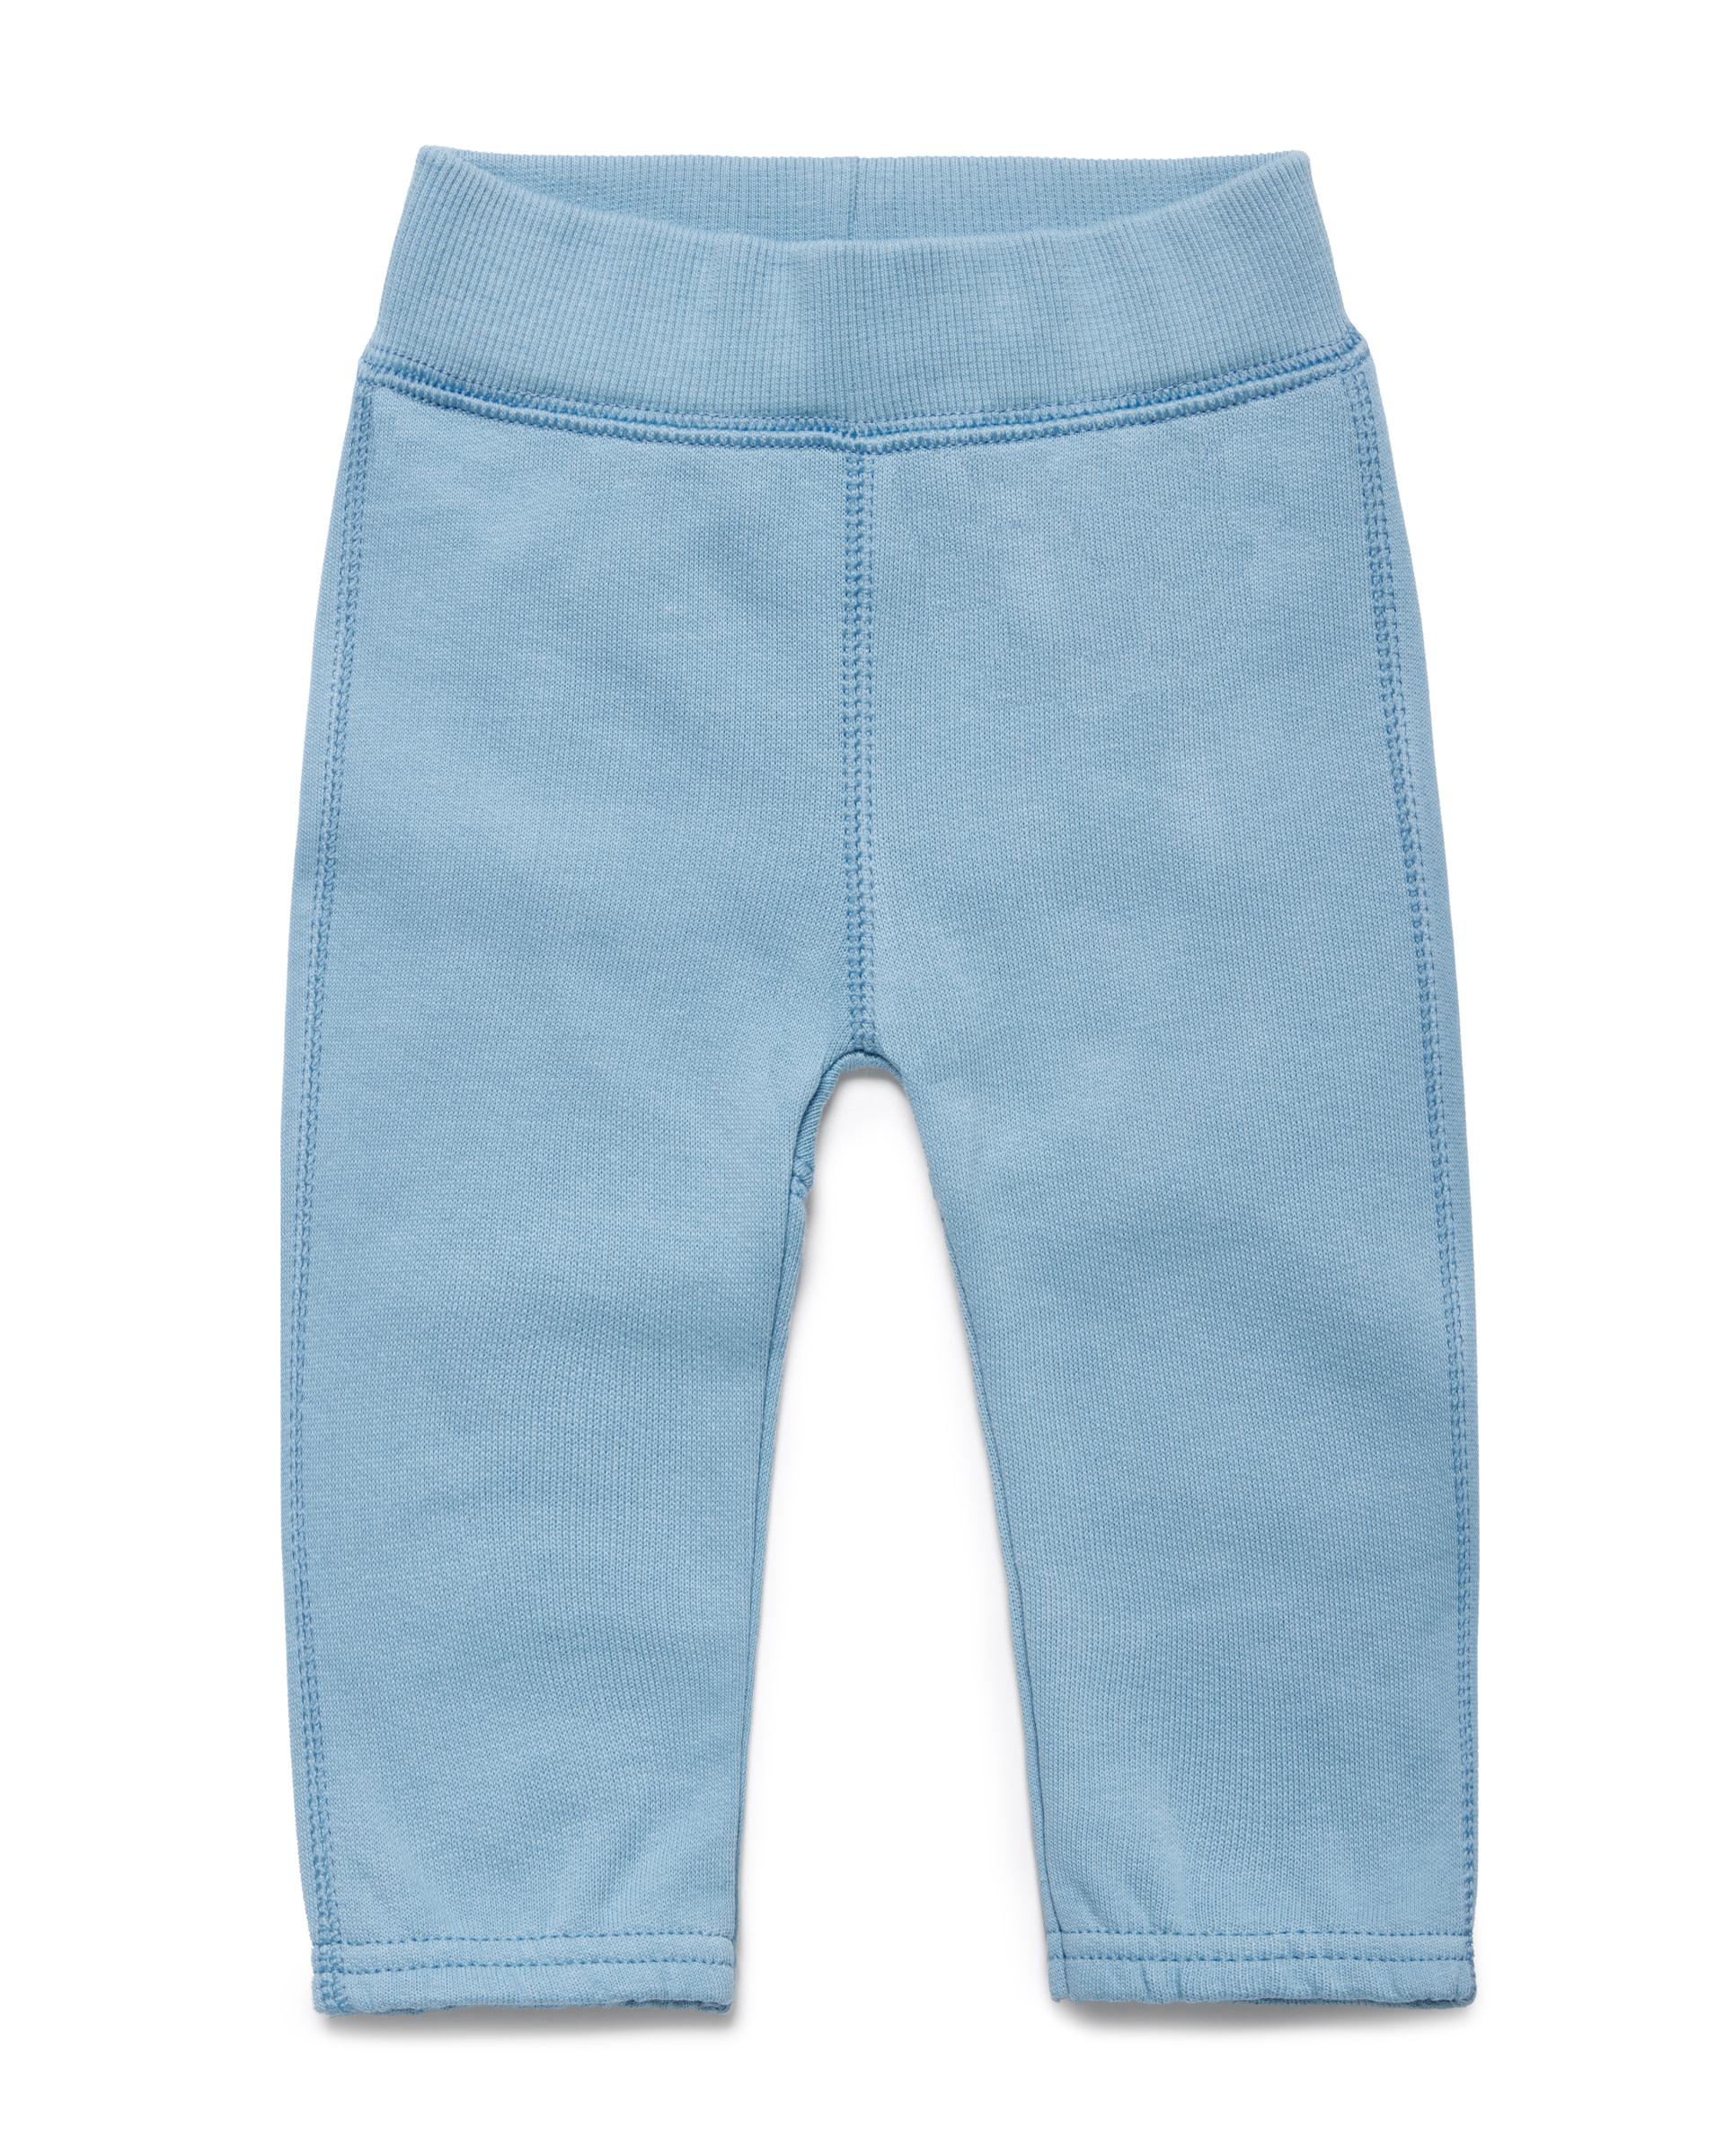 Купить 20P_3J70MF238_29J, Спортивные брюки для девочек Benetton 3J70MF238_29J р-р 90, United Colors of Benetton, Детские брюки и шорты